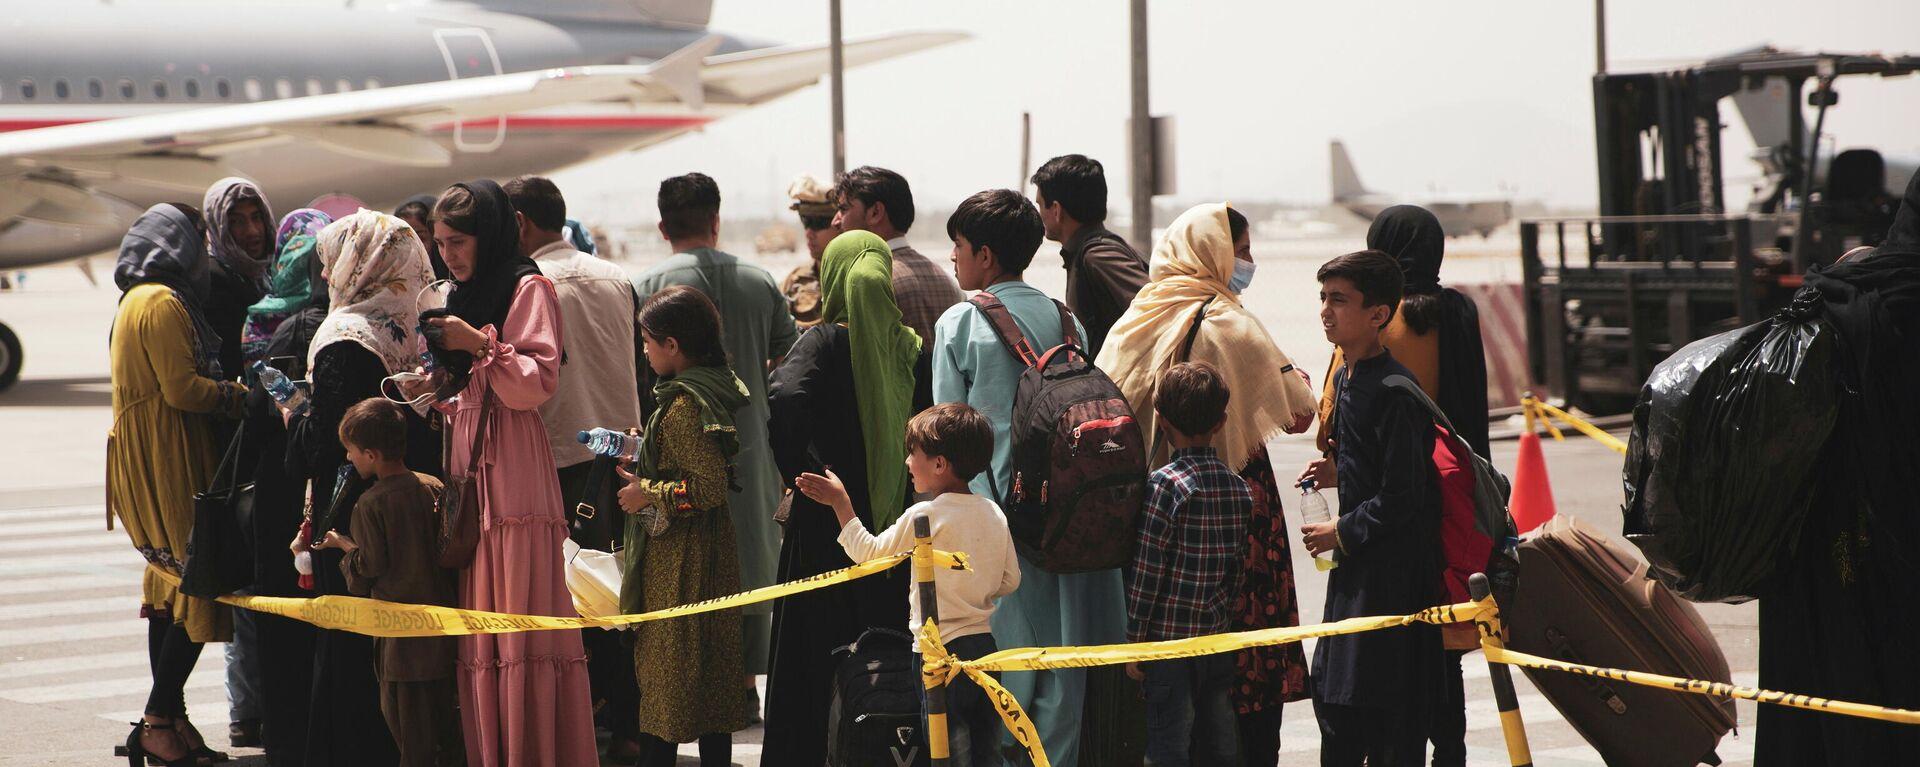 Nach der Machtergreifung durch die radikal-islamischen Taliban in Afghanistan wollen immer mehr Menschen das Land verlassen. Kabul, Hamid Karzai International Airport,18. August 2021 - SNA, 1920, 20.08.2021